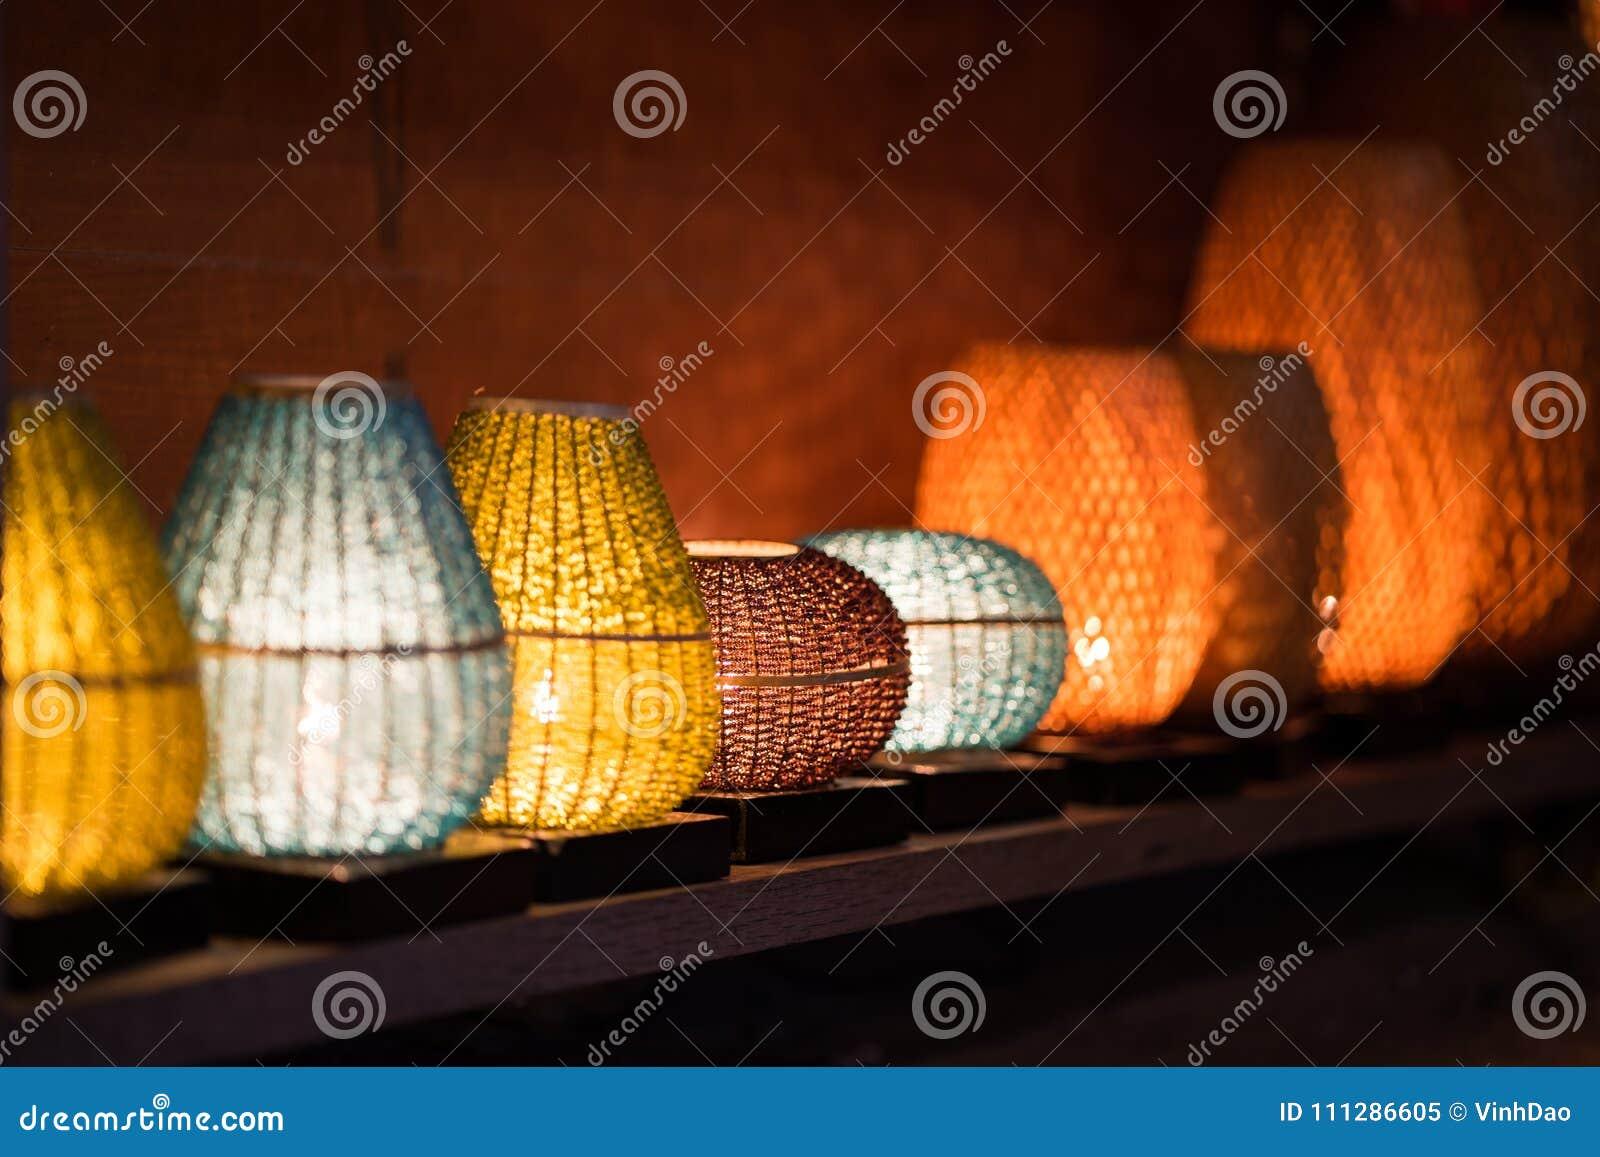 De decoratieve die lantaarns van ambachtsbamboe worden gemaakt vlechten mand in de oude stad van Hoi An, Vietnam